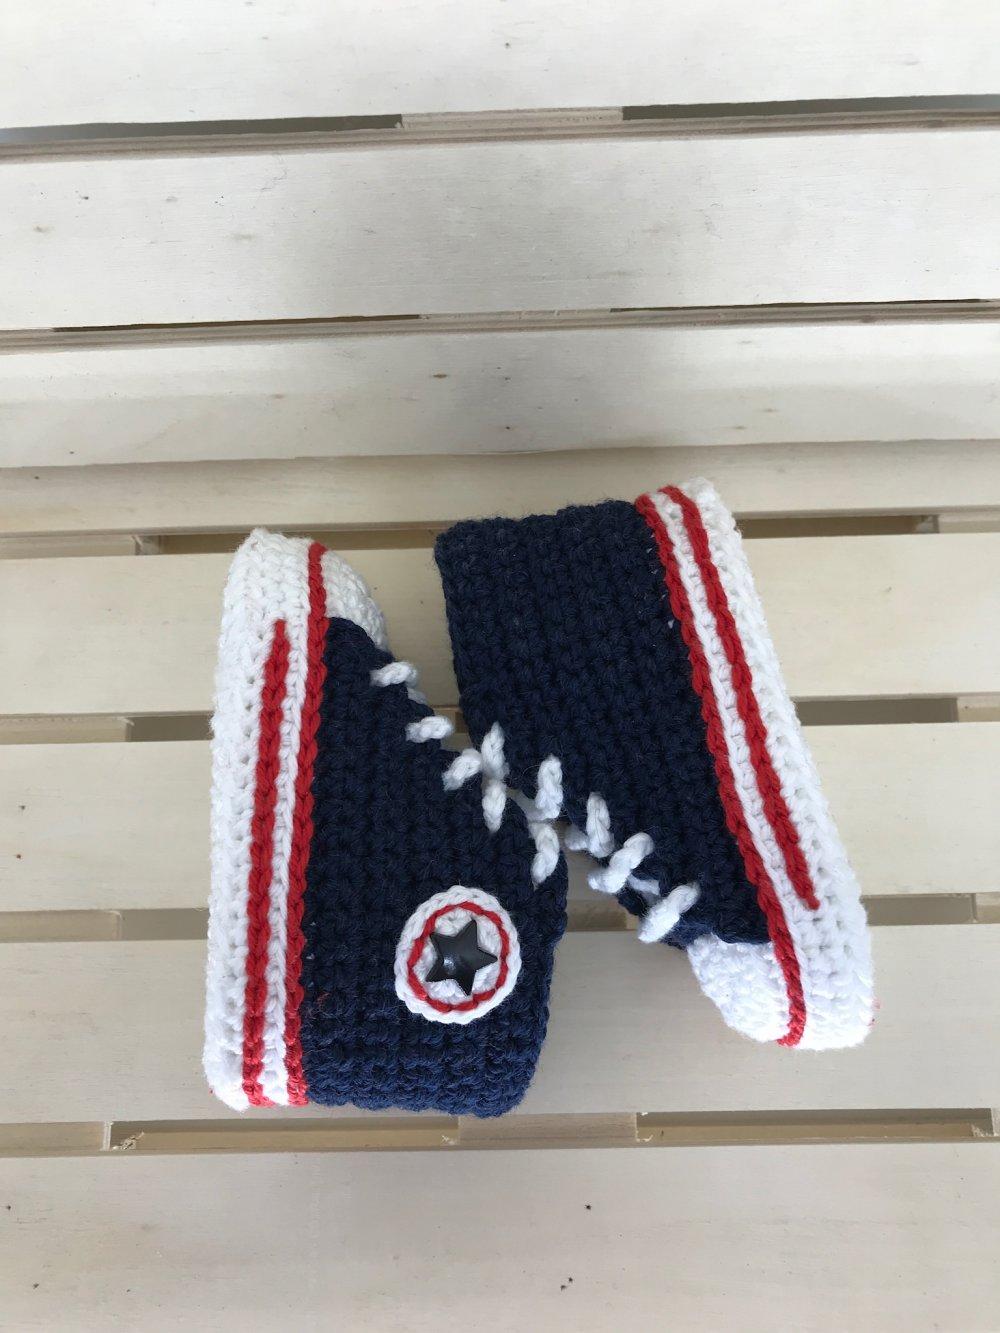 Chaussons bébé basket,Baskets bébé, baskets au crochet, taille 3 mois, style converses,  bleu marine,